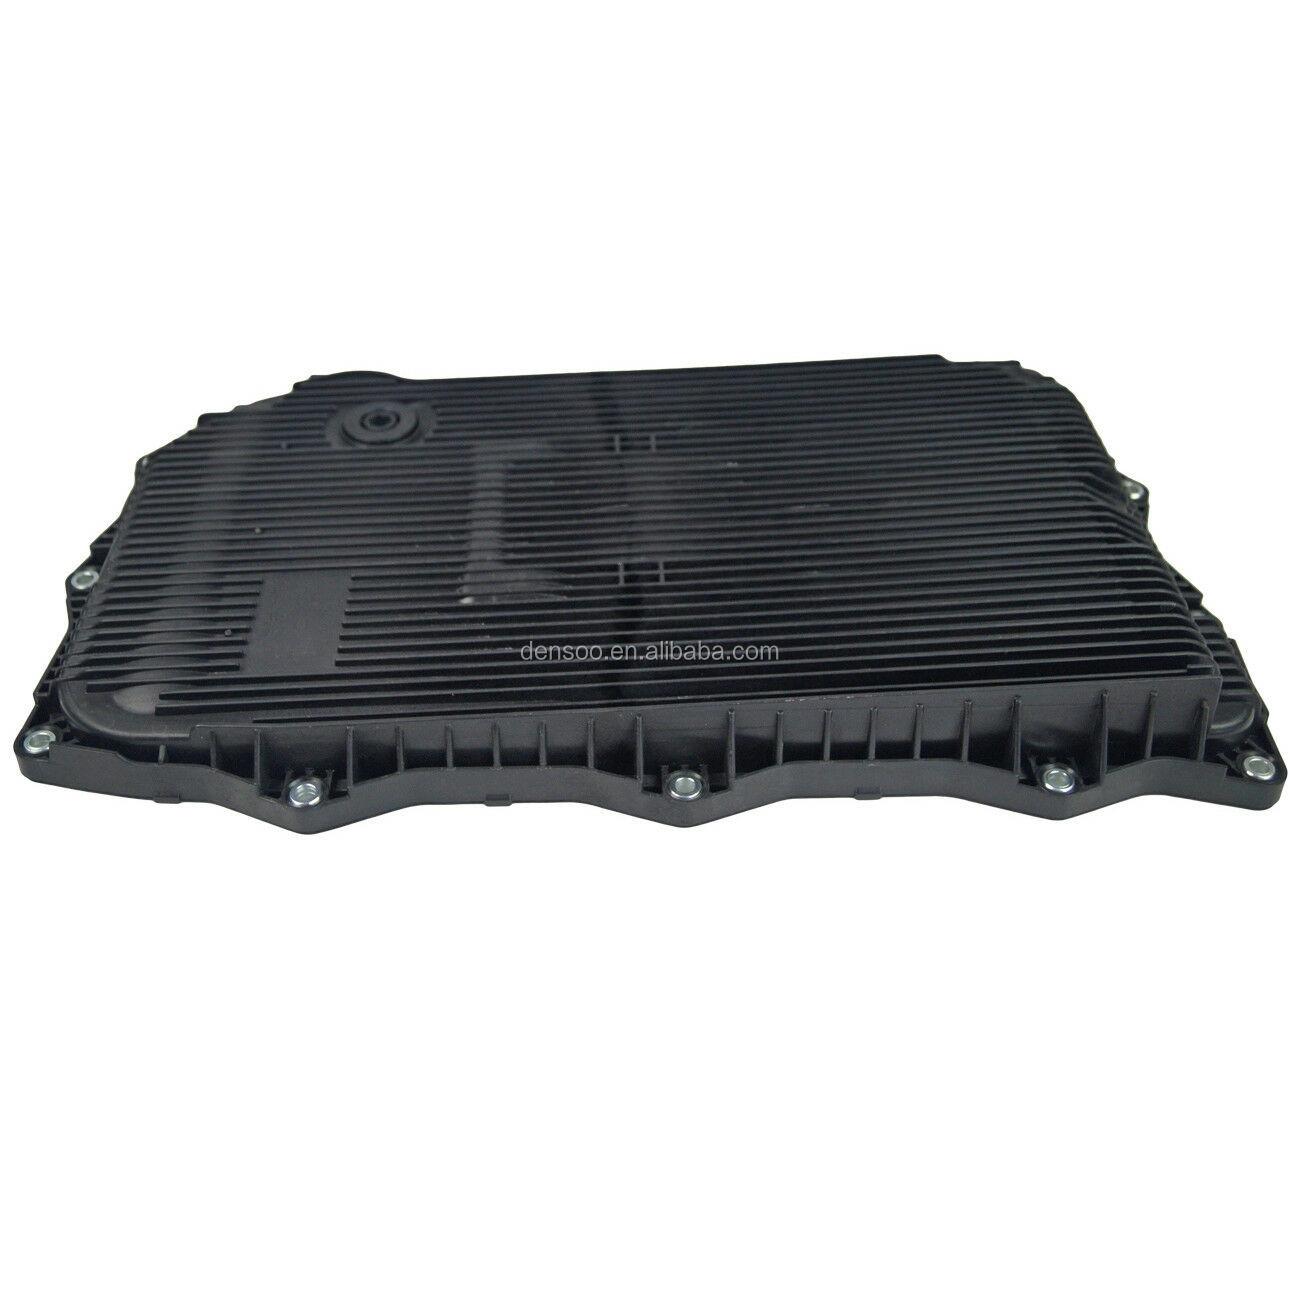 자동 변속기 오일 팬 필터 및 가스켓 및 나사 JDE26442 JDE36541 LR023294 LR065238